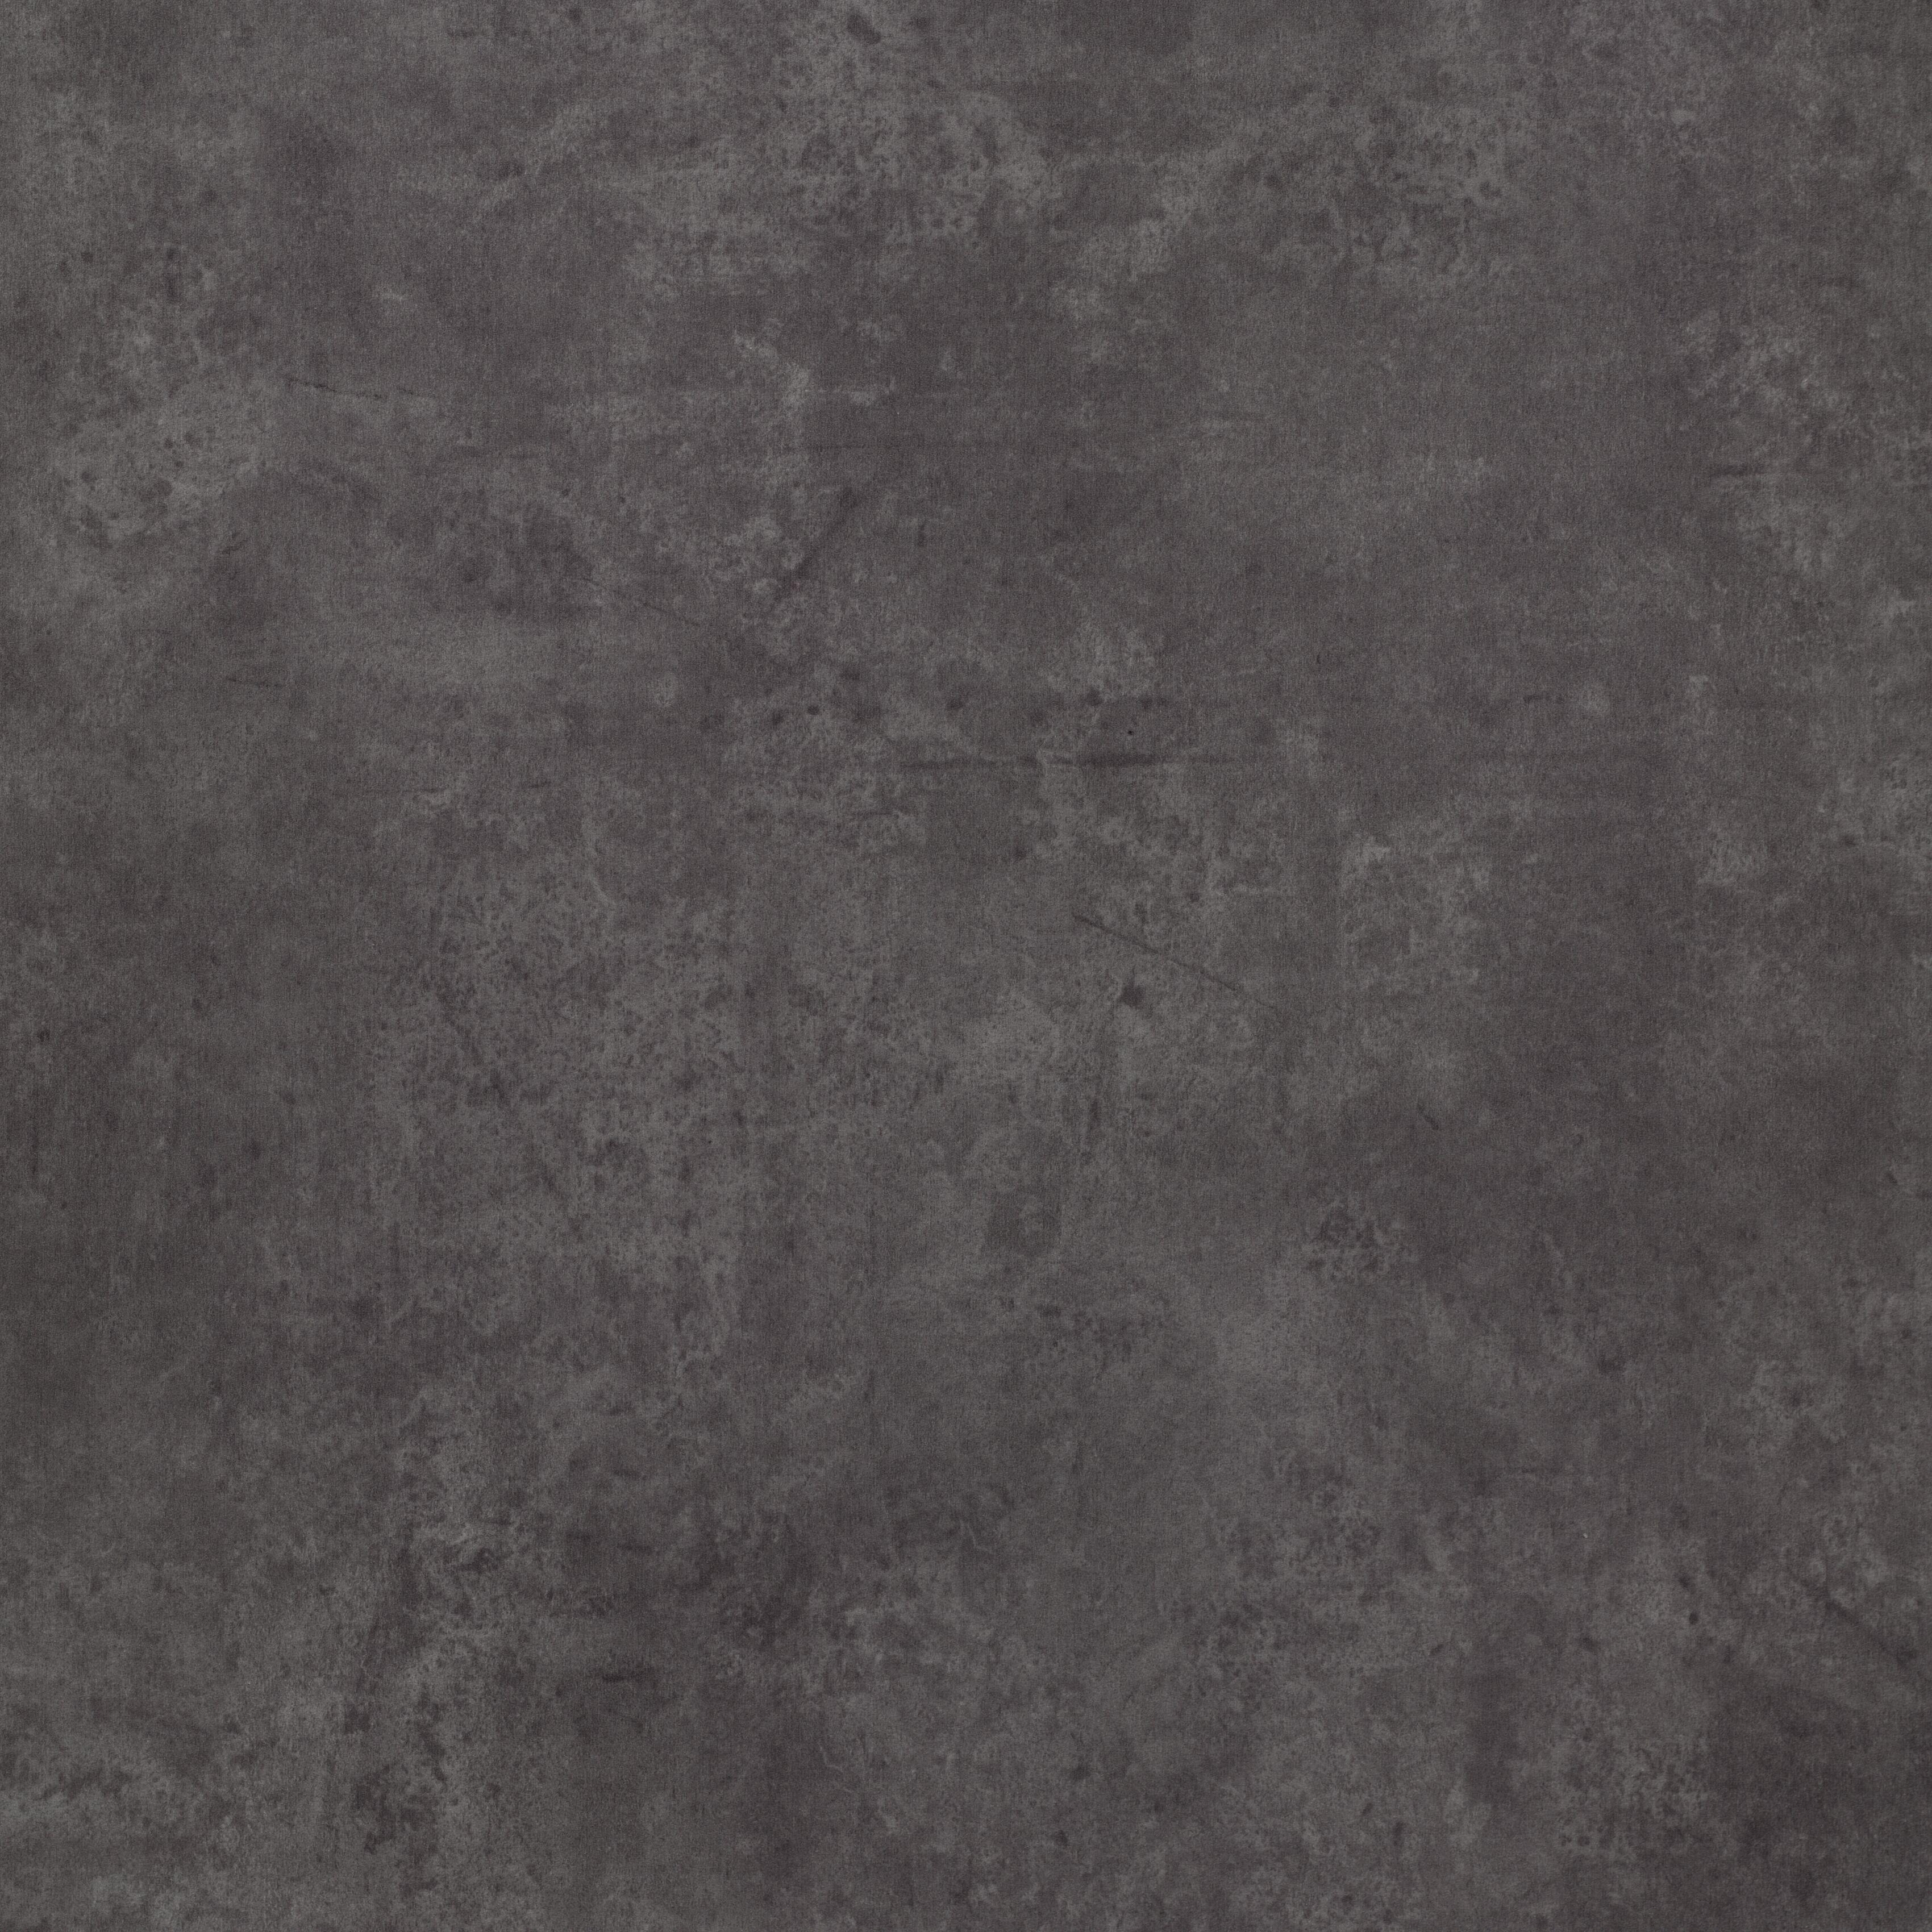 Flächenansicht Charcoal Concrete